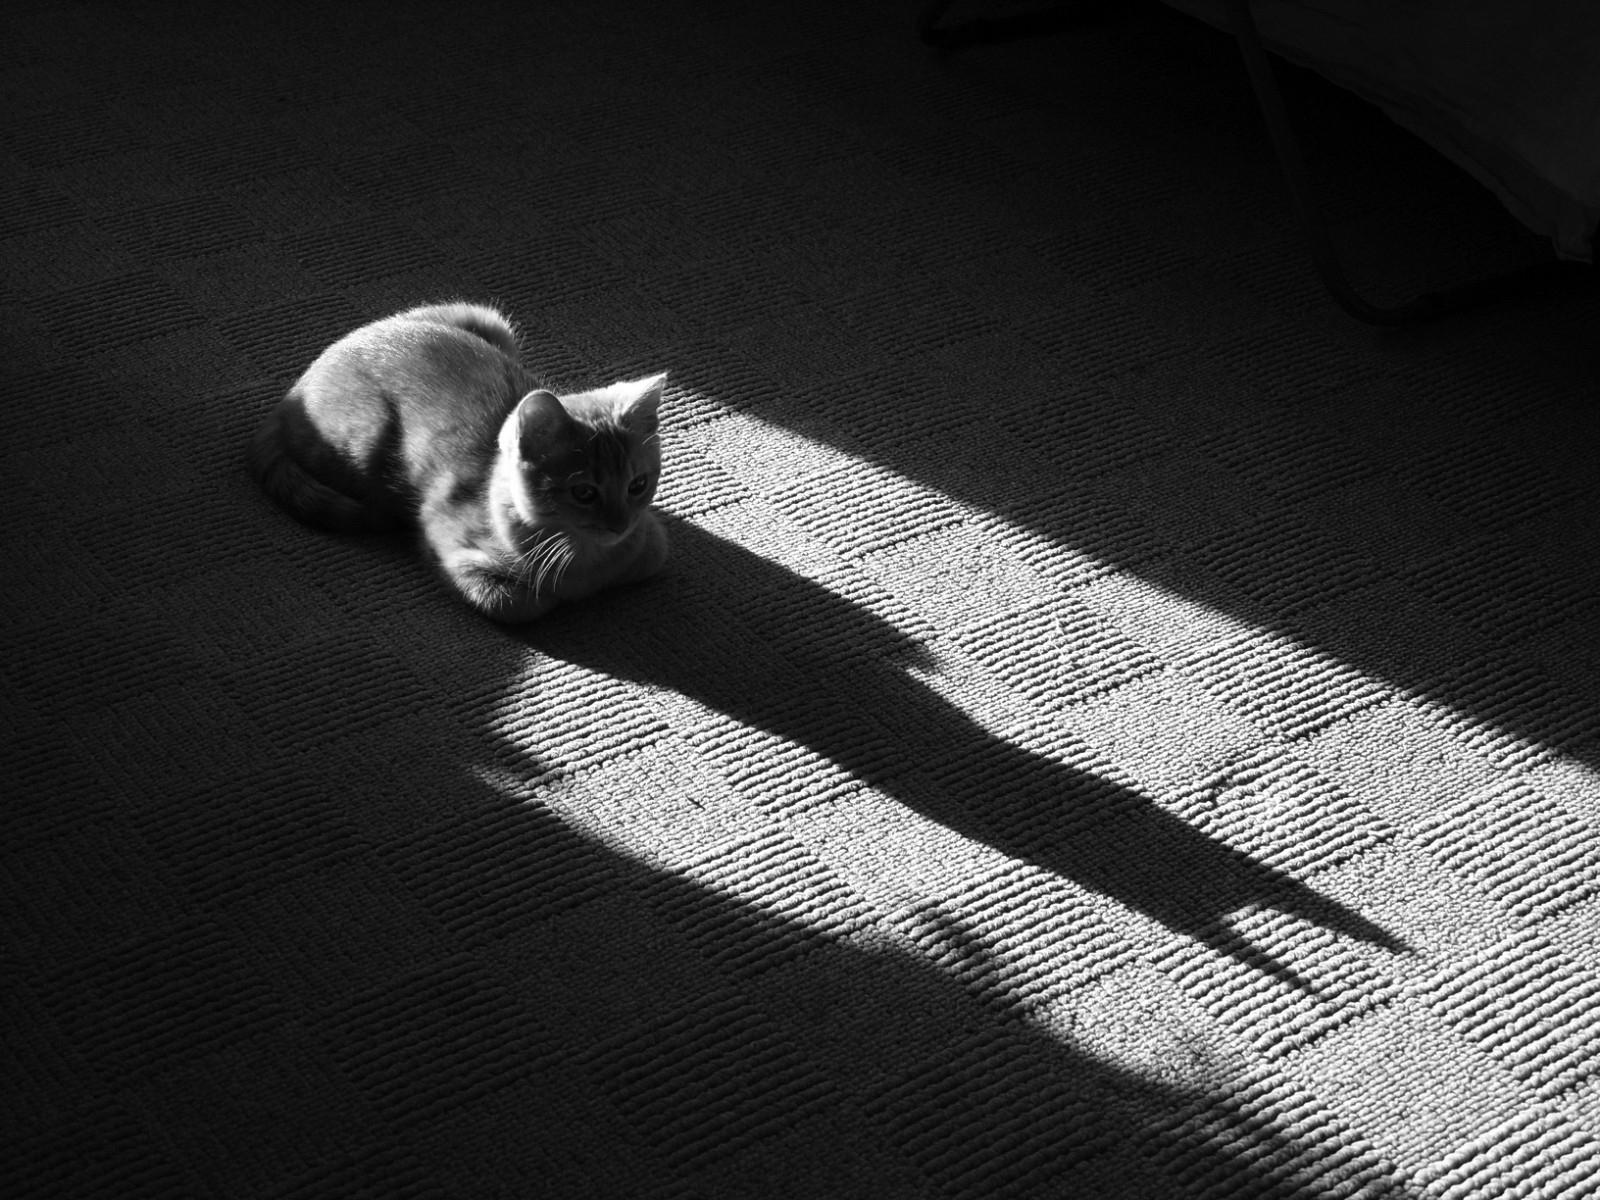 08f7b3b07f6e5 gato focinho sombra chão deitado Preto e branco